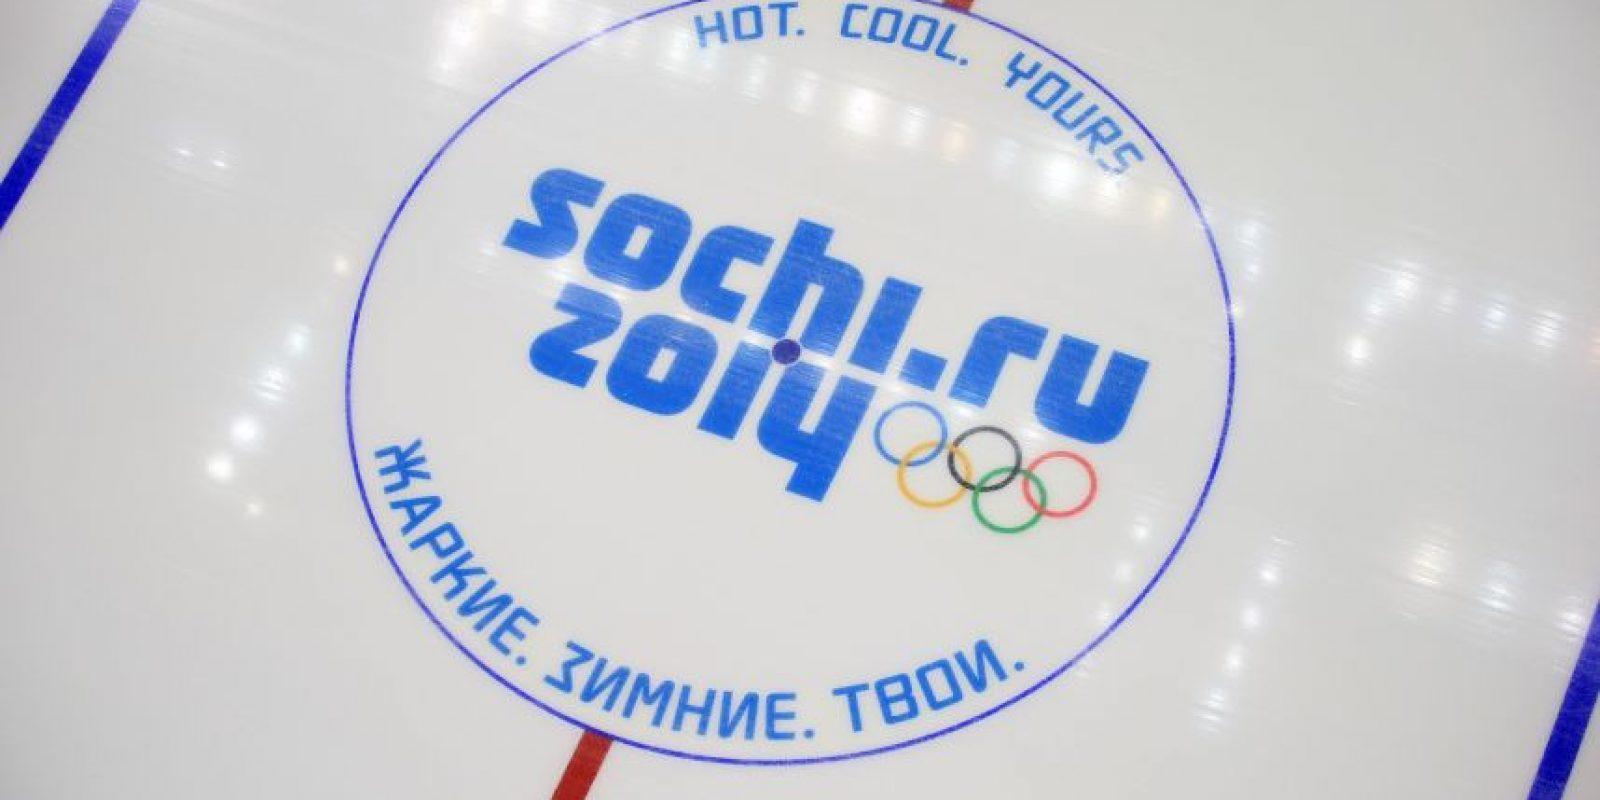 El hashtag sobre los Juegos Olímpicos de Invierno celebrados en Sochi, Rusia. Foto:Getty Images